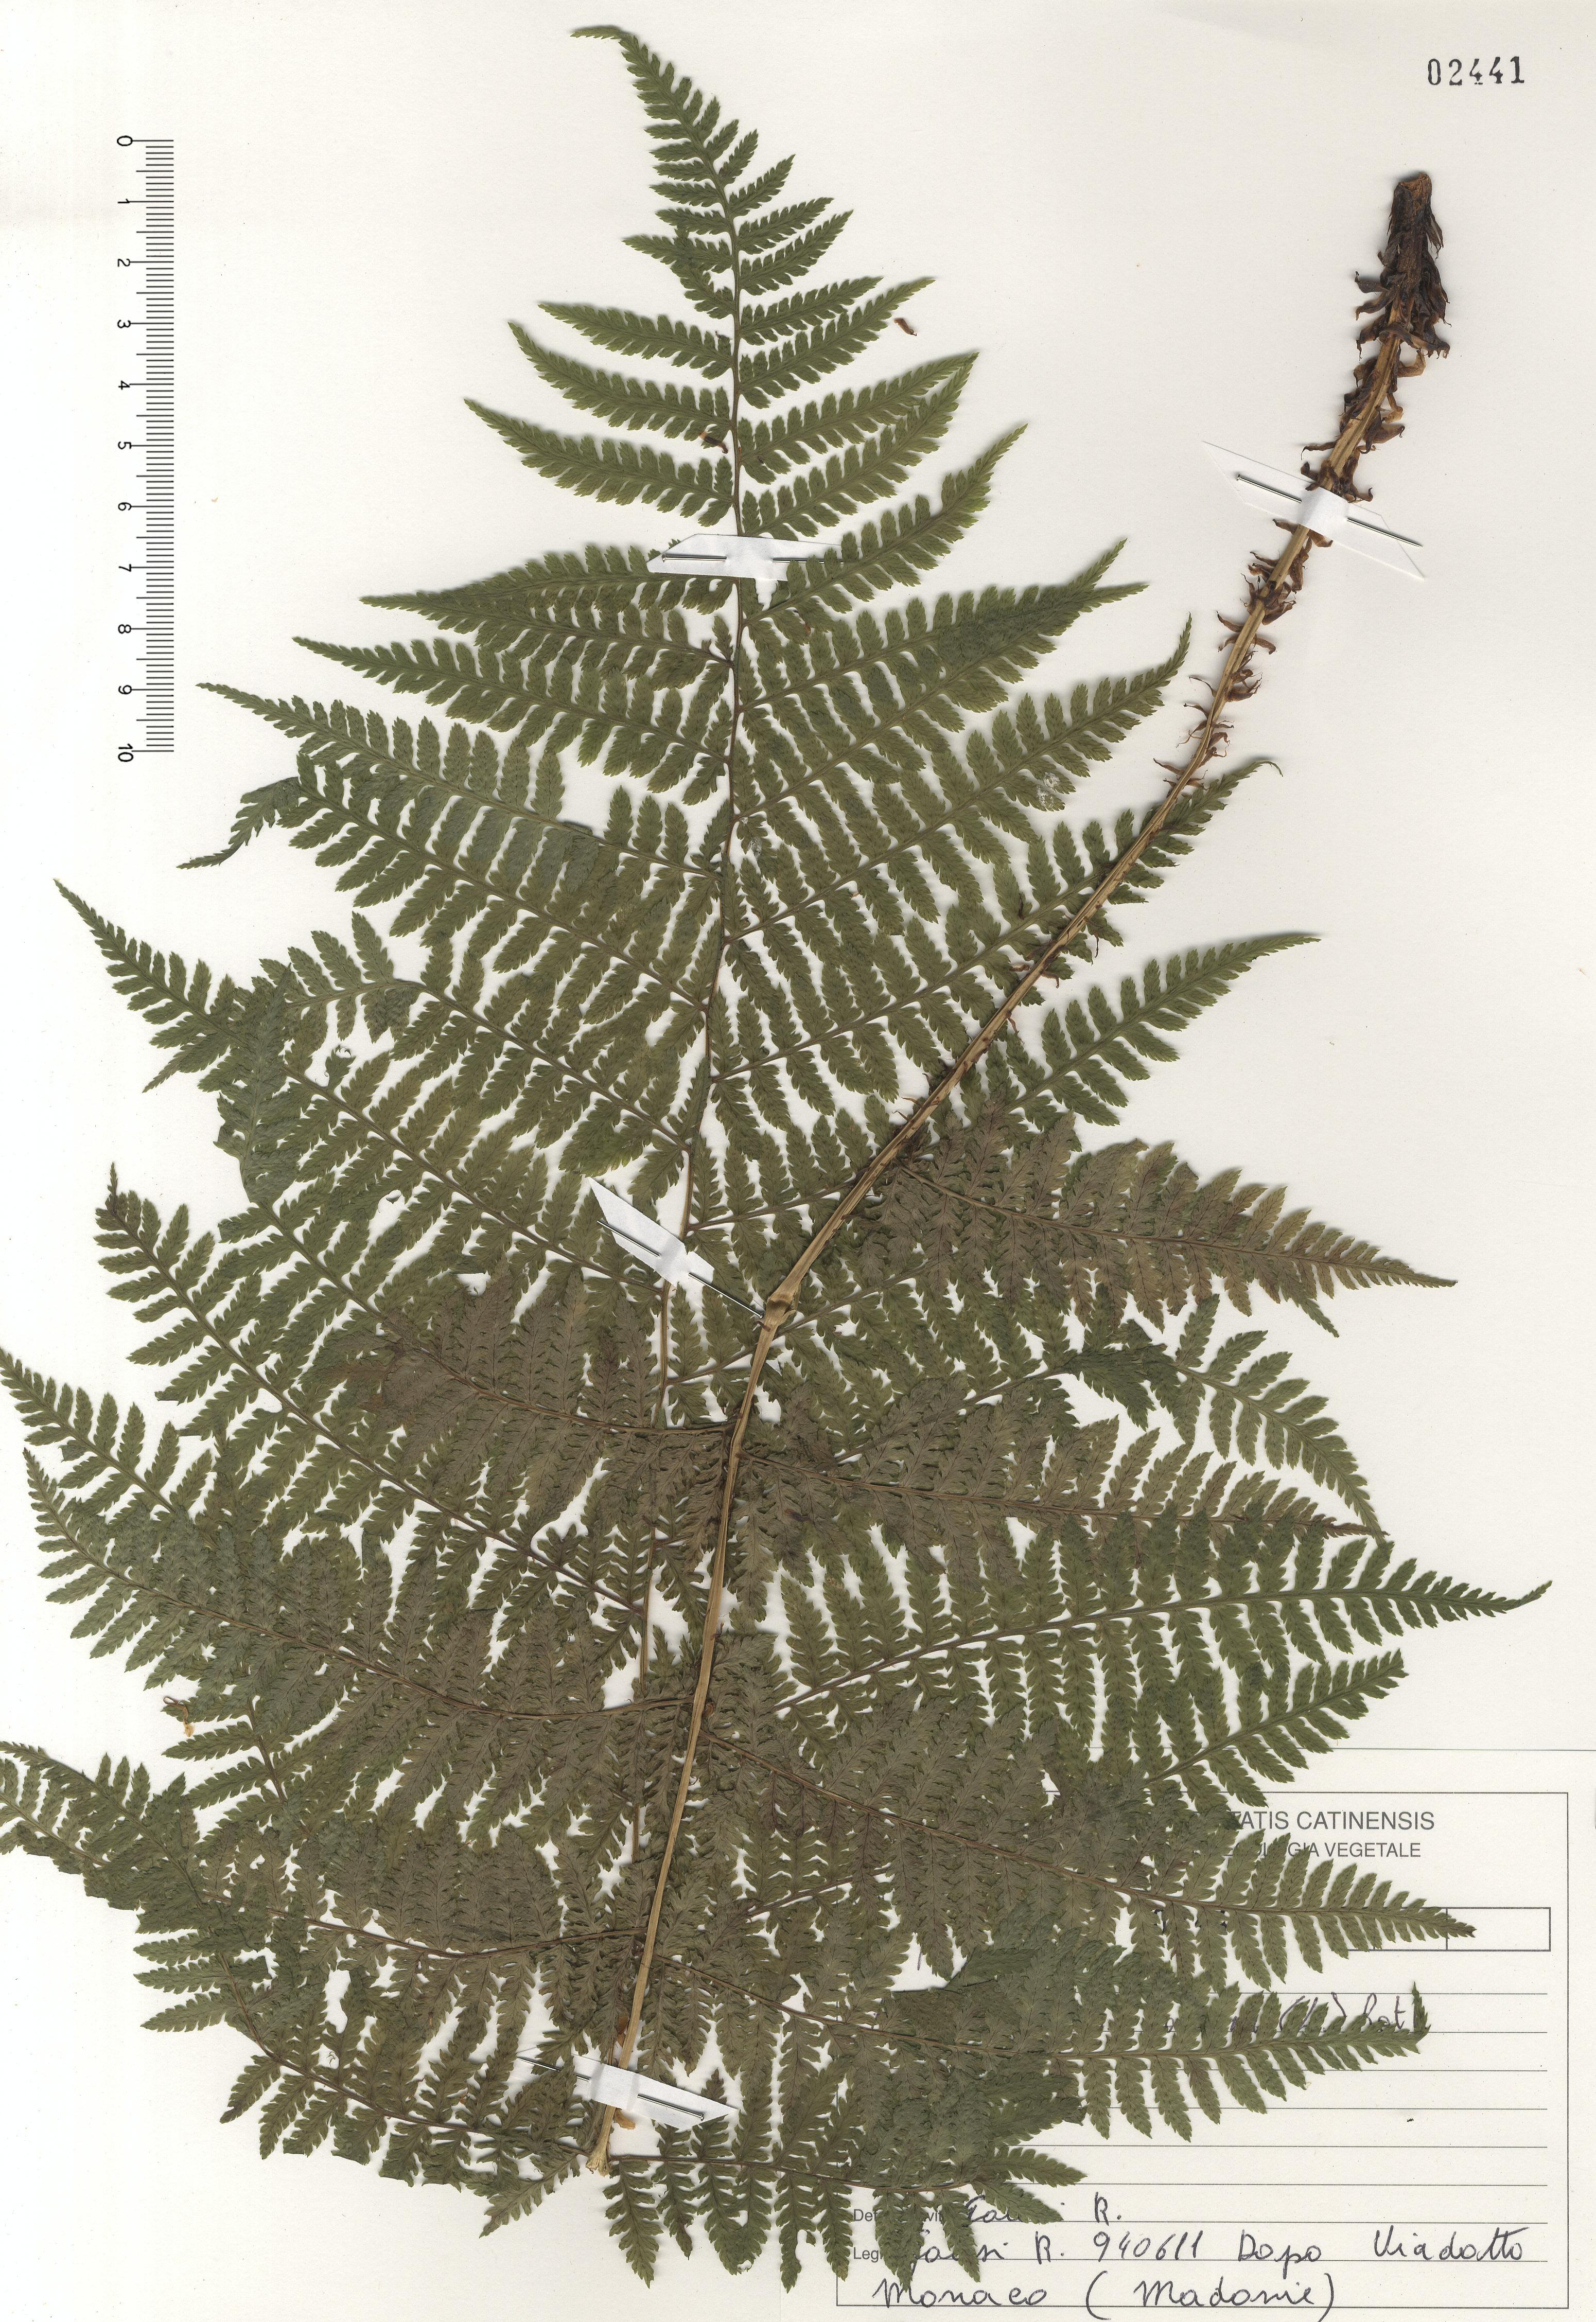 © Hortus Botanicus Catinensis - Herb. sheet 102441<br>